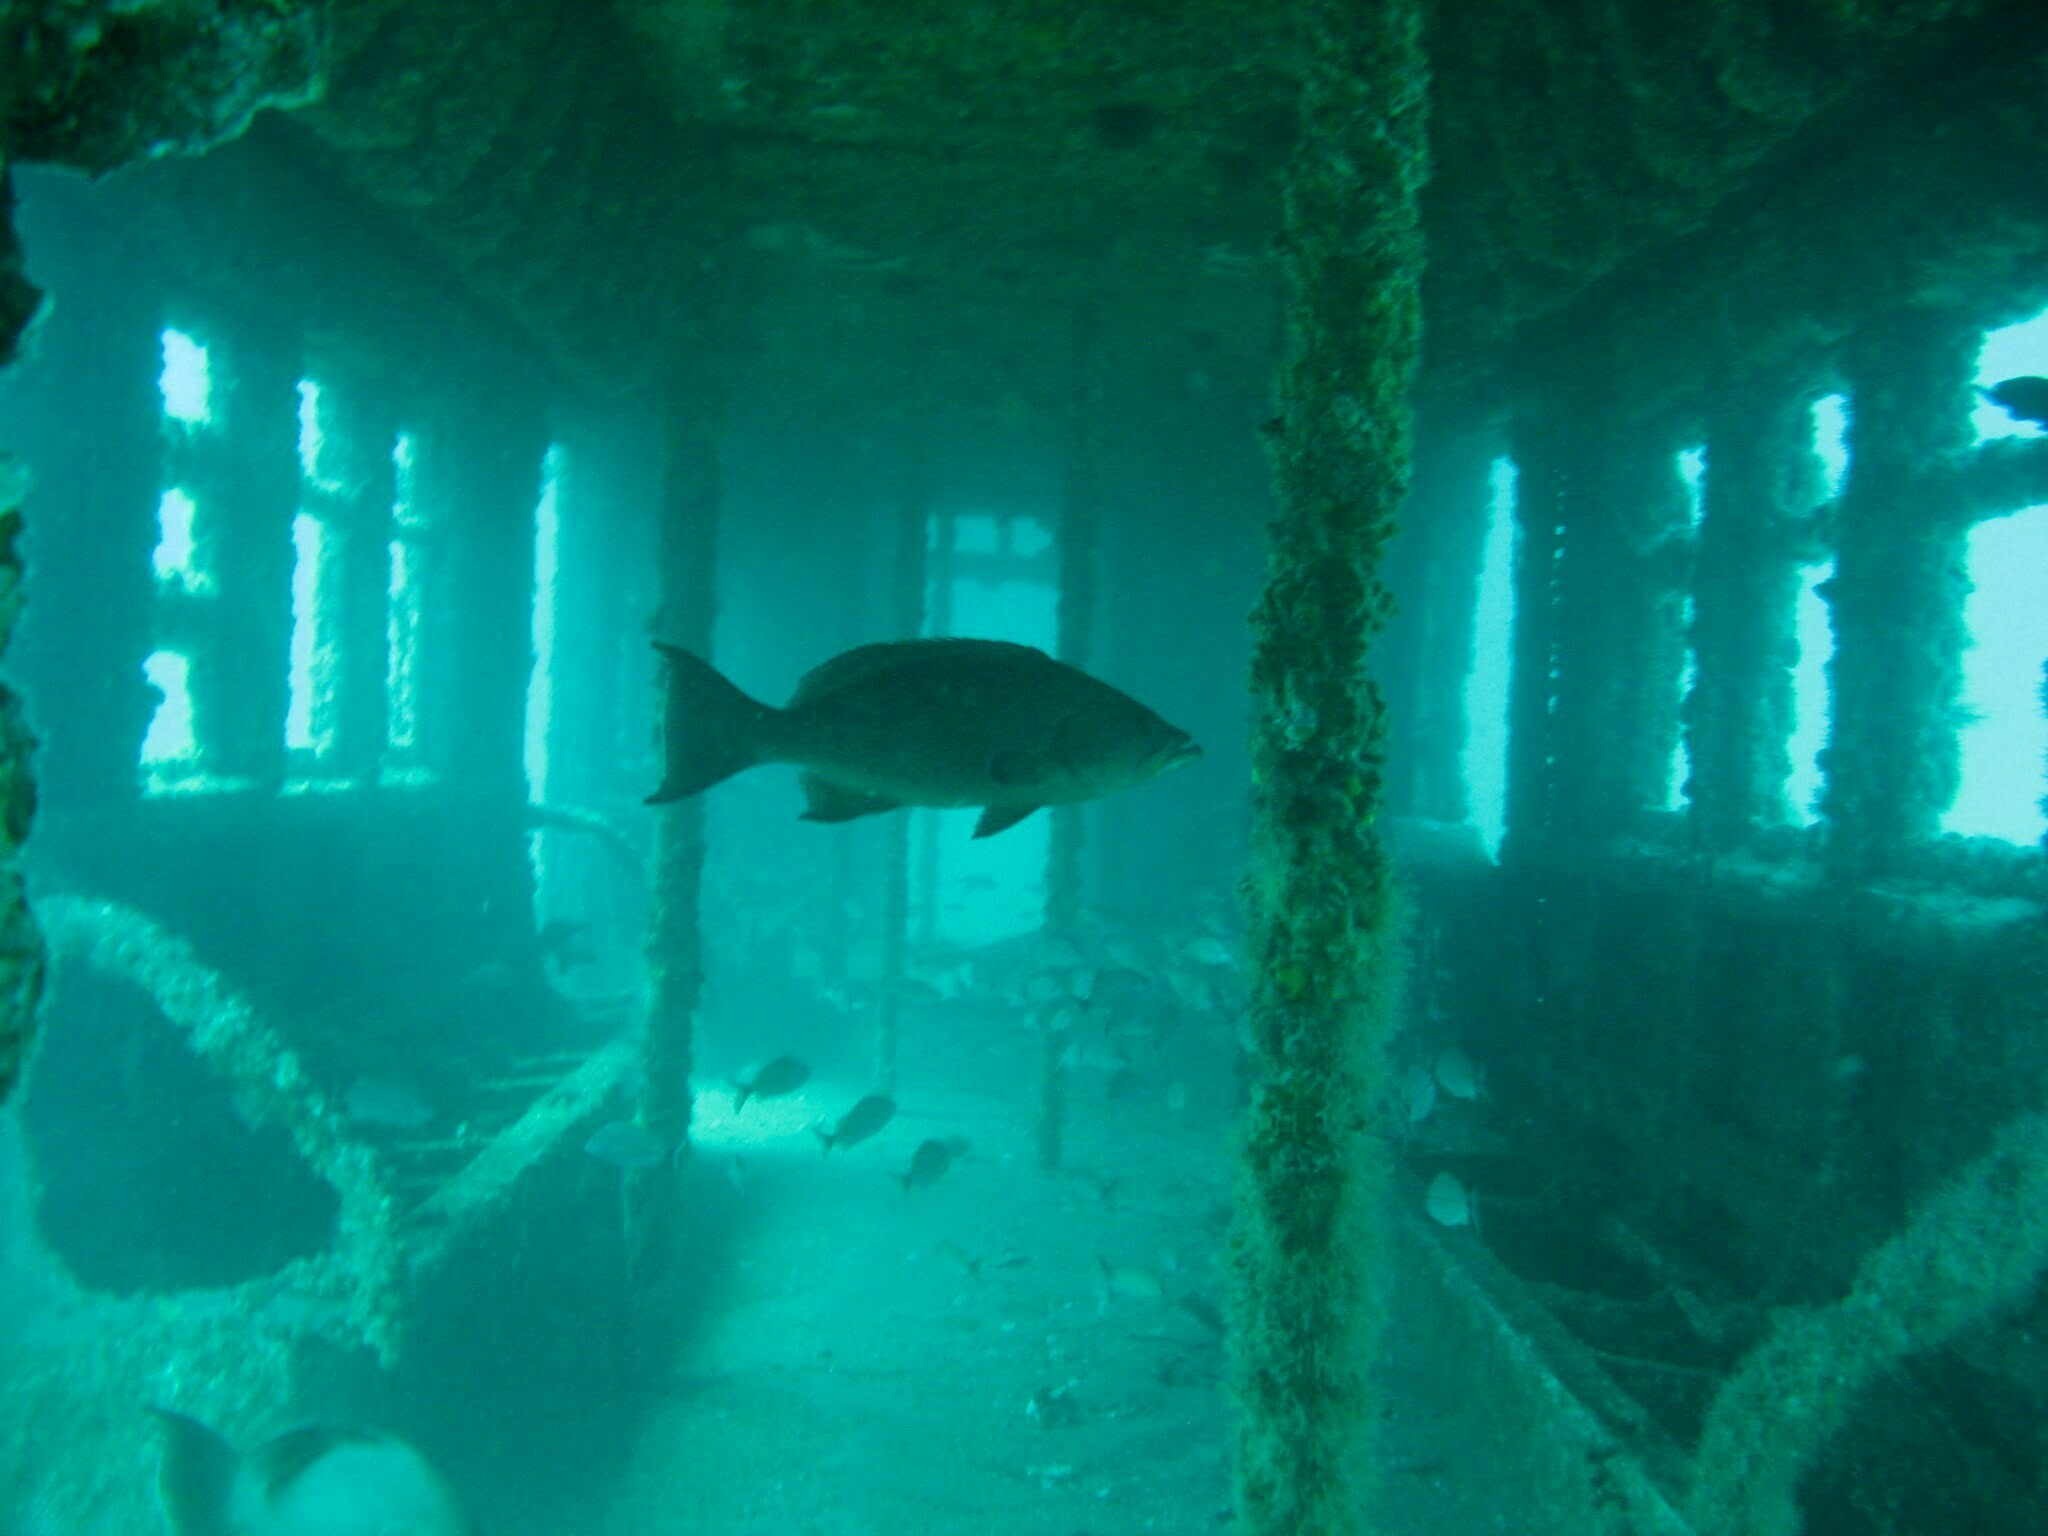 Recifes artificiais, imagem de metrô no fundo do oceano depois de 5 anos